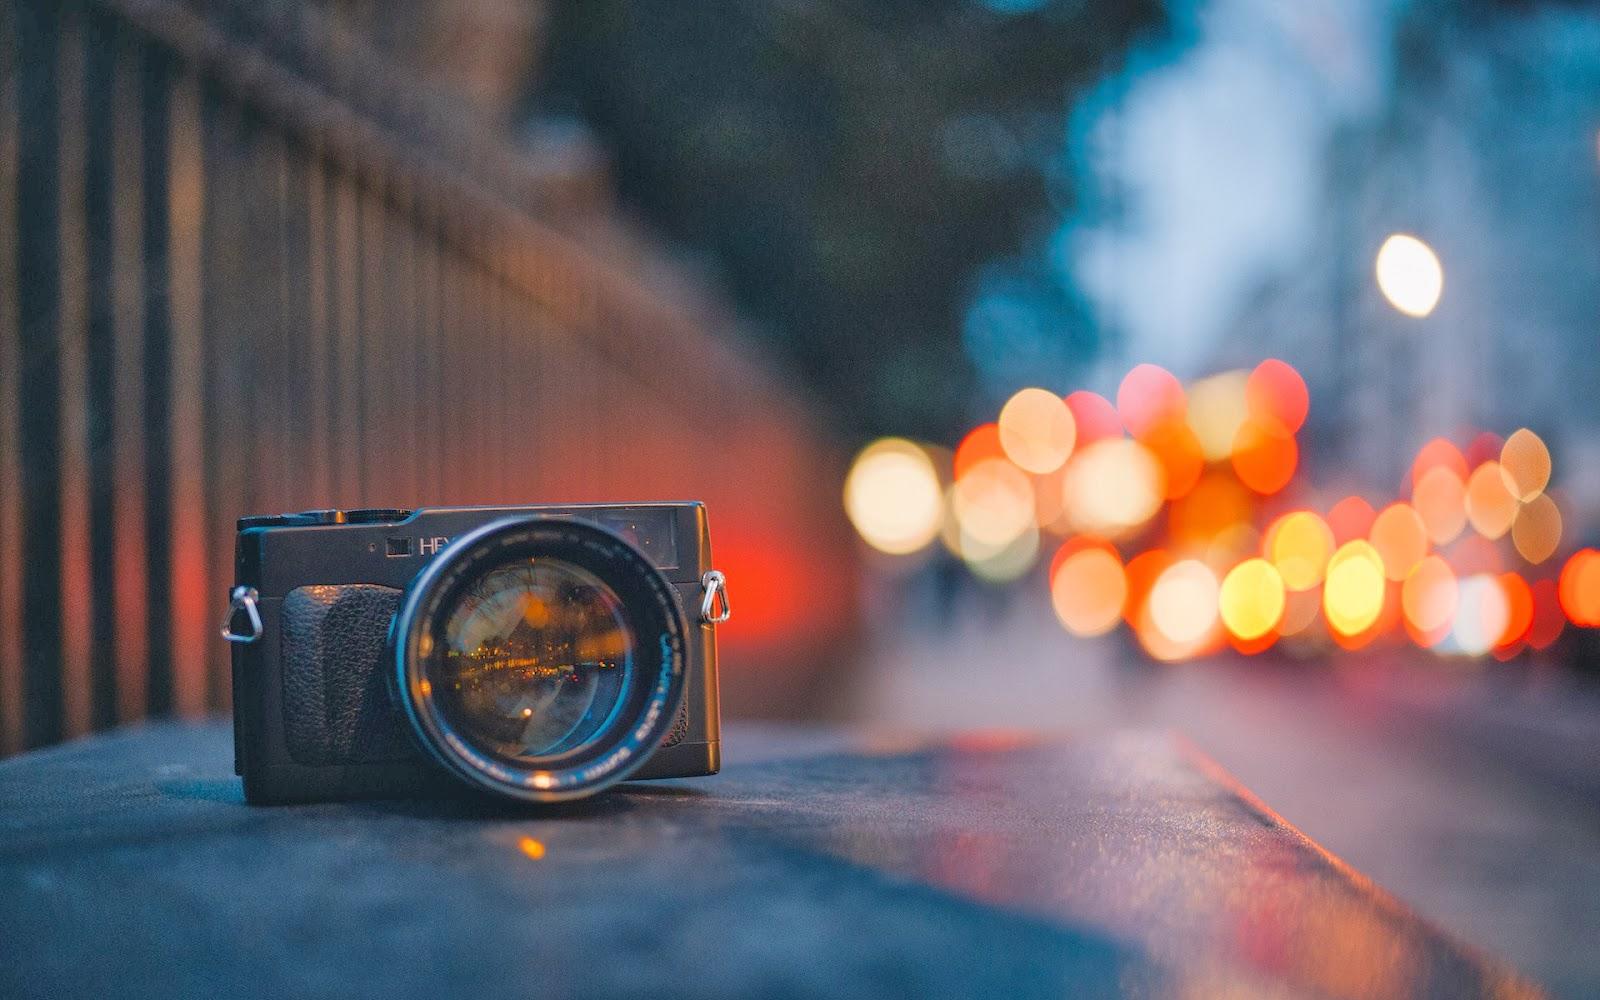 kamera-hi-tech-jalan-kota-lampu-menakjubkan-foto-wallpaper-1920x1200